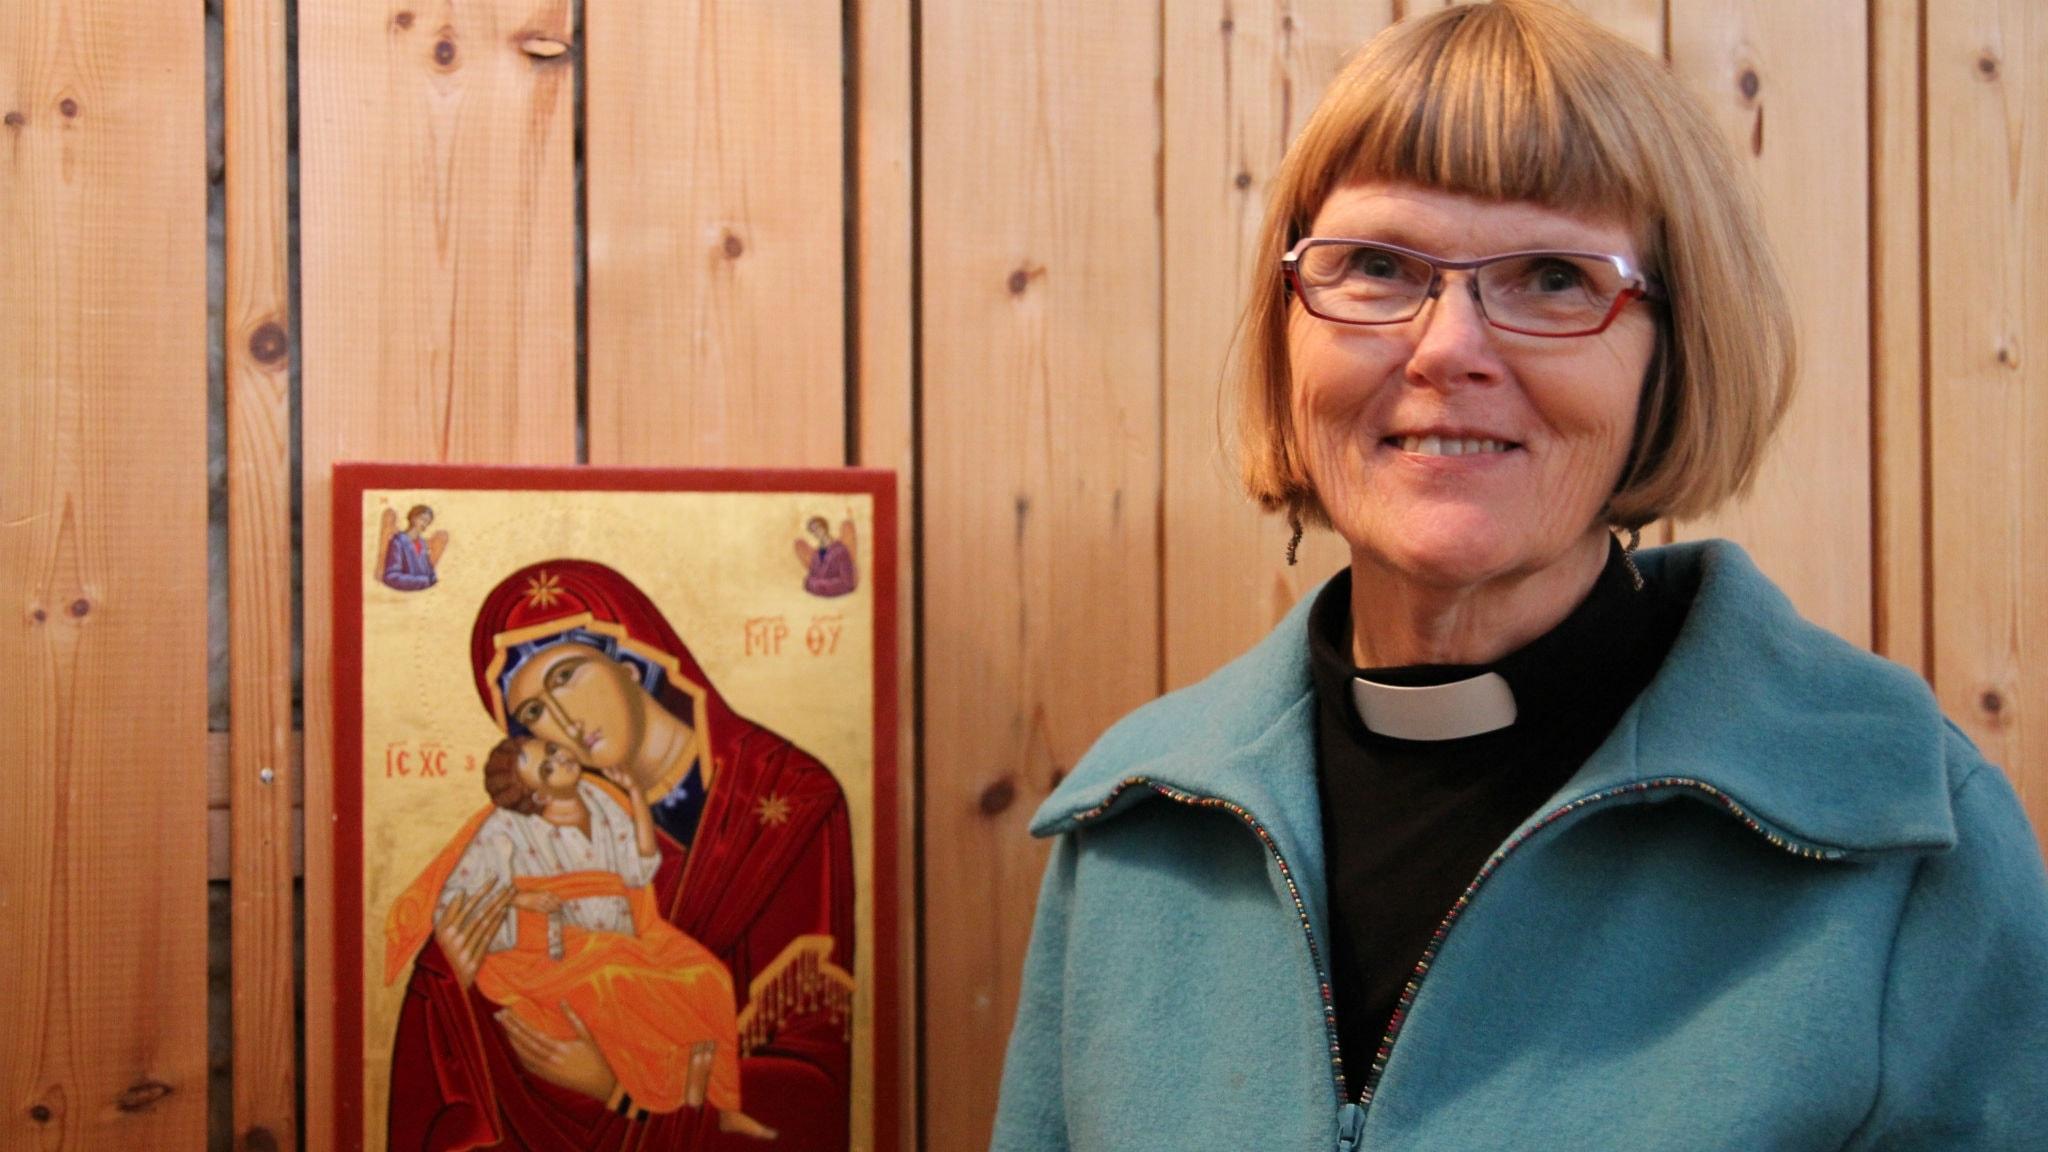 Överlämna dagen till Gud – Lisa Tegby